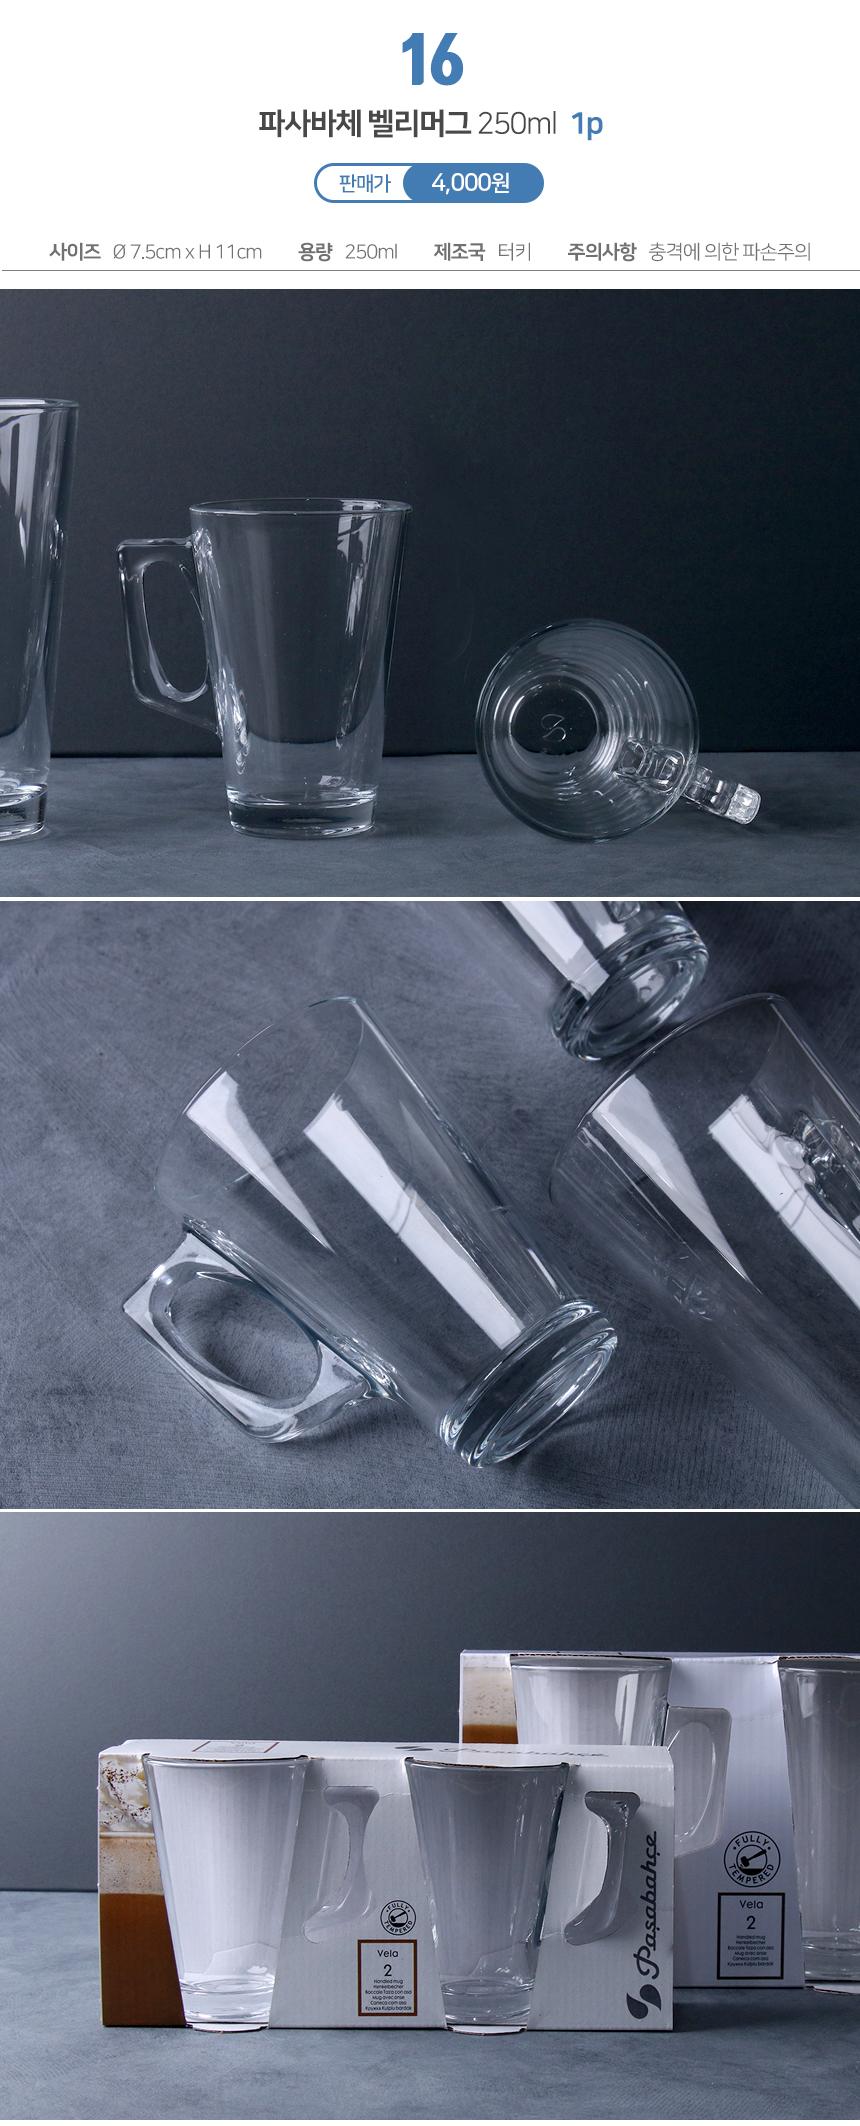 유리컵 33종 모음전 - 키친몰링, 2,500원, 유리컵/술잔, 유리컵